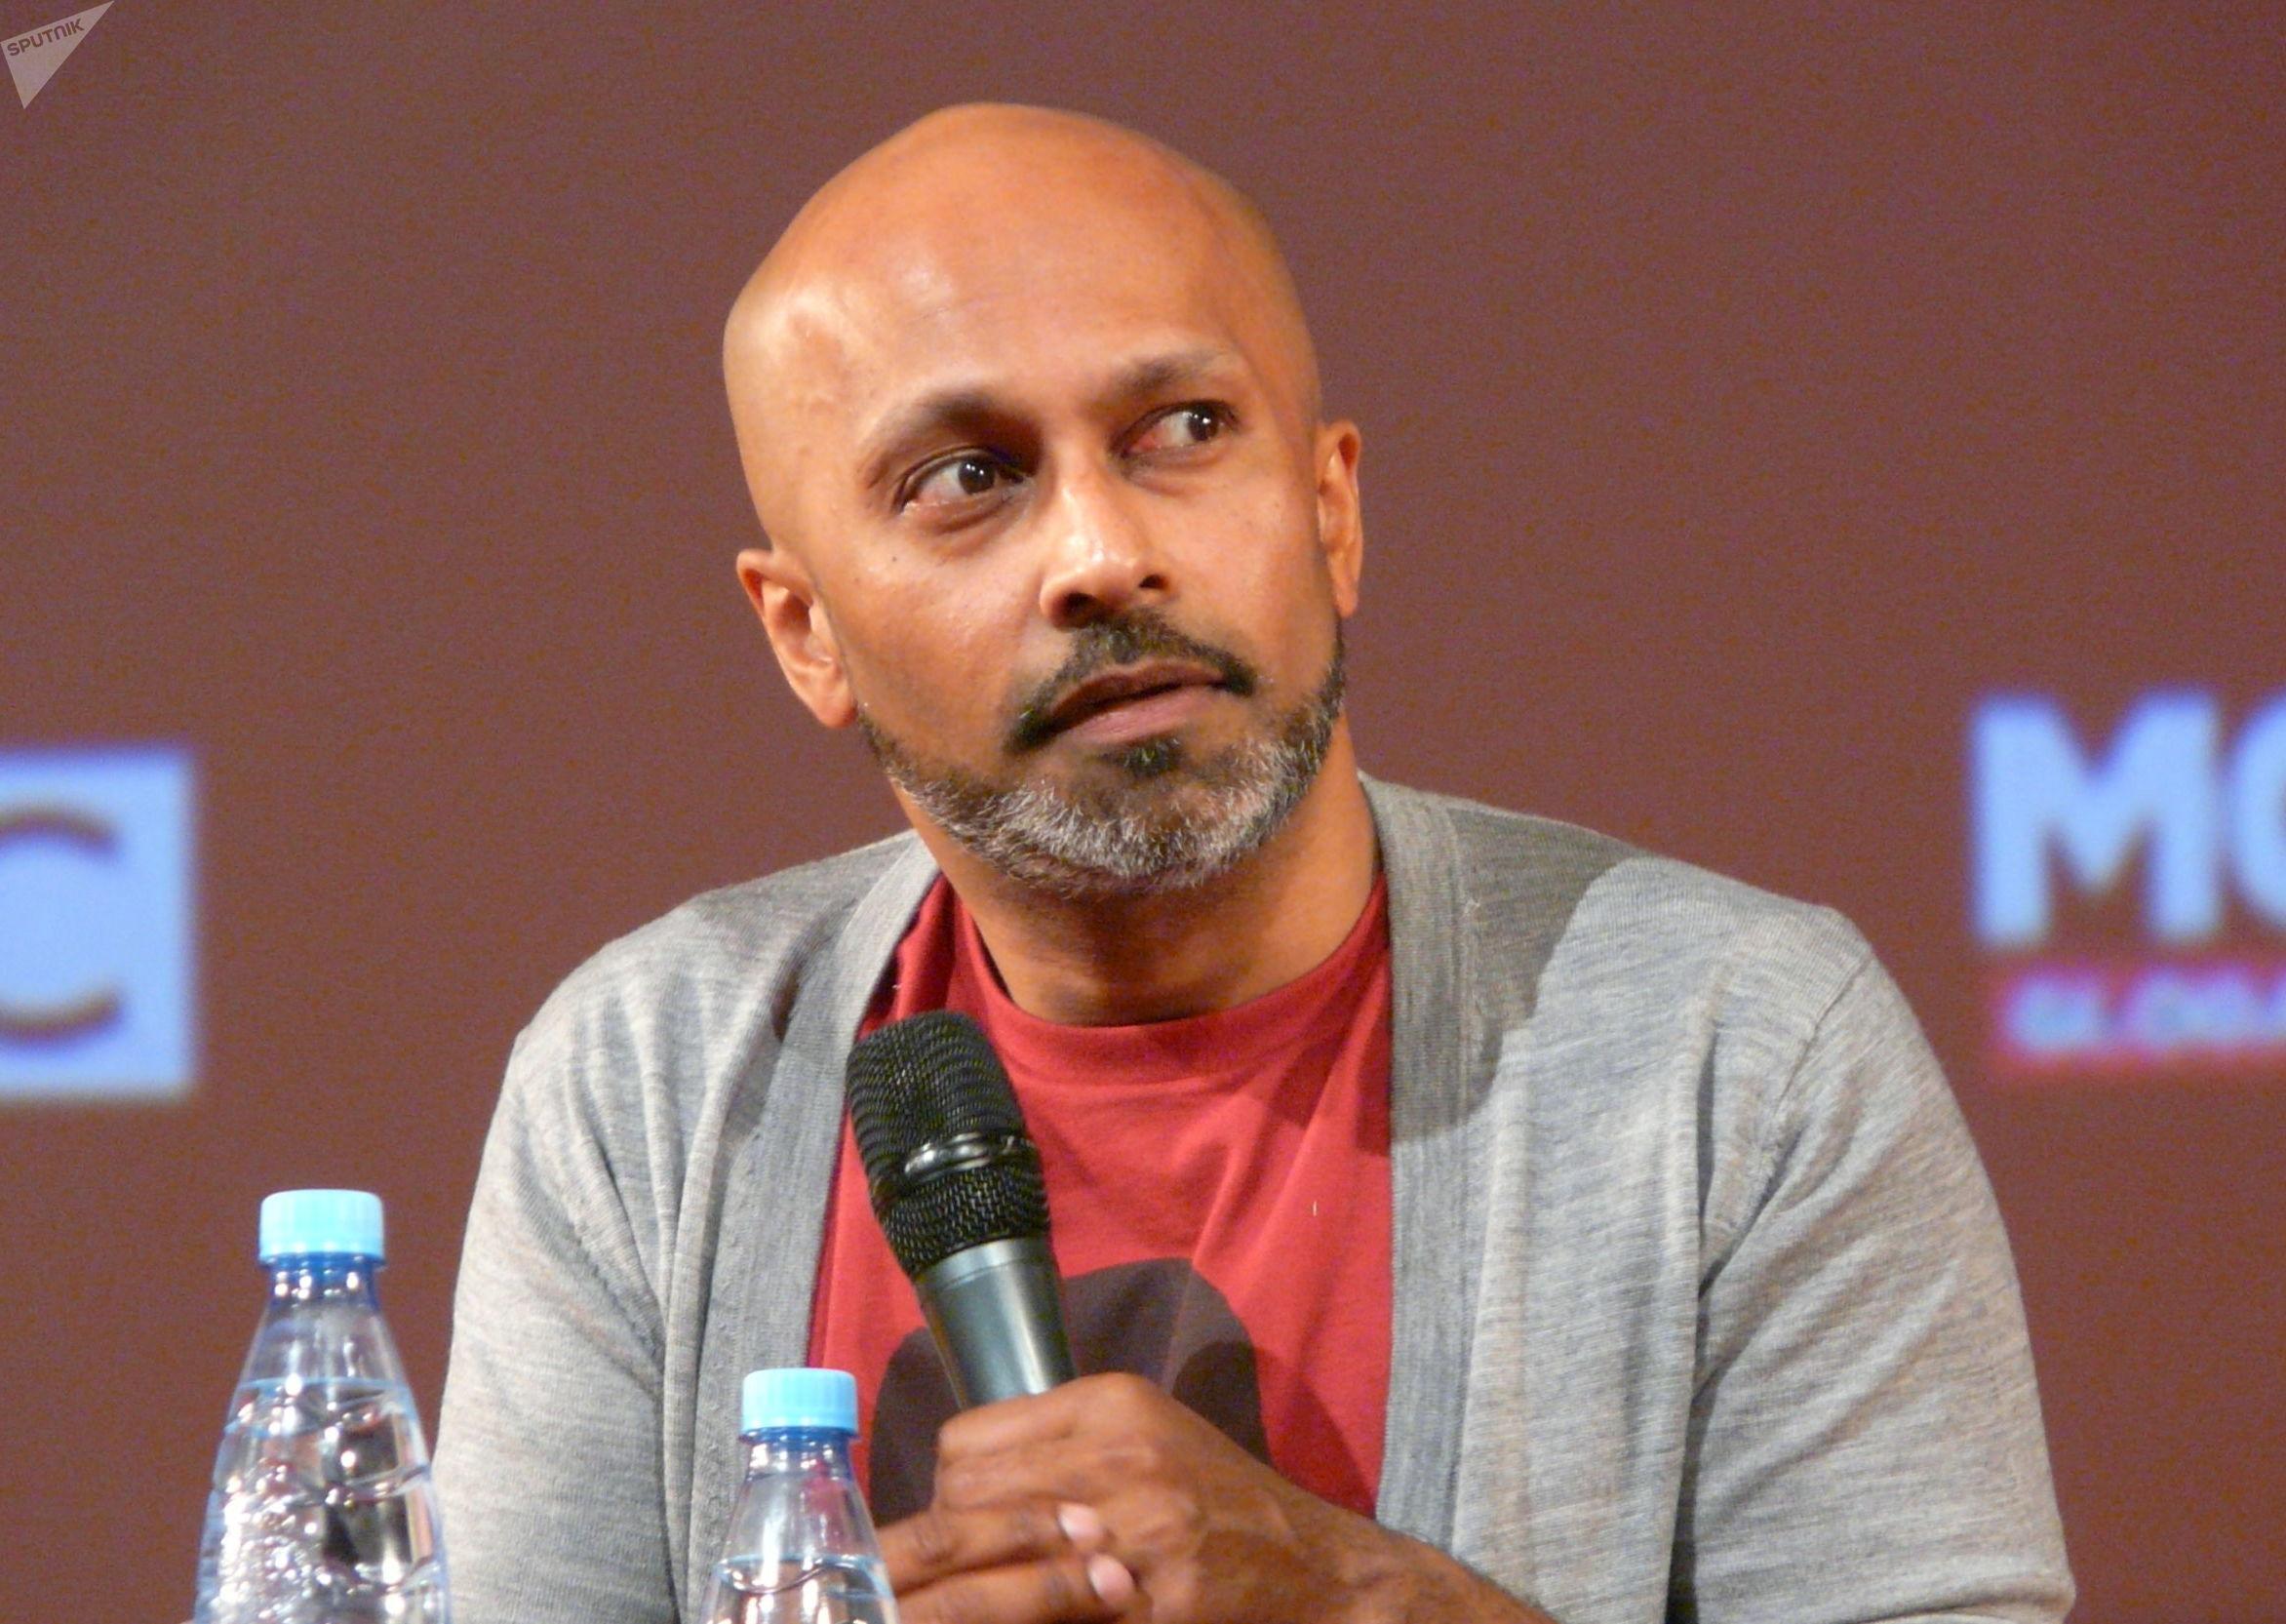 El coreógrafo y bailador Akram Khan en la reunión con el público en Moscú